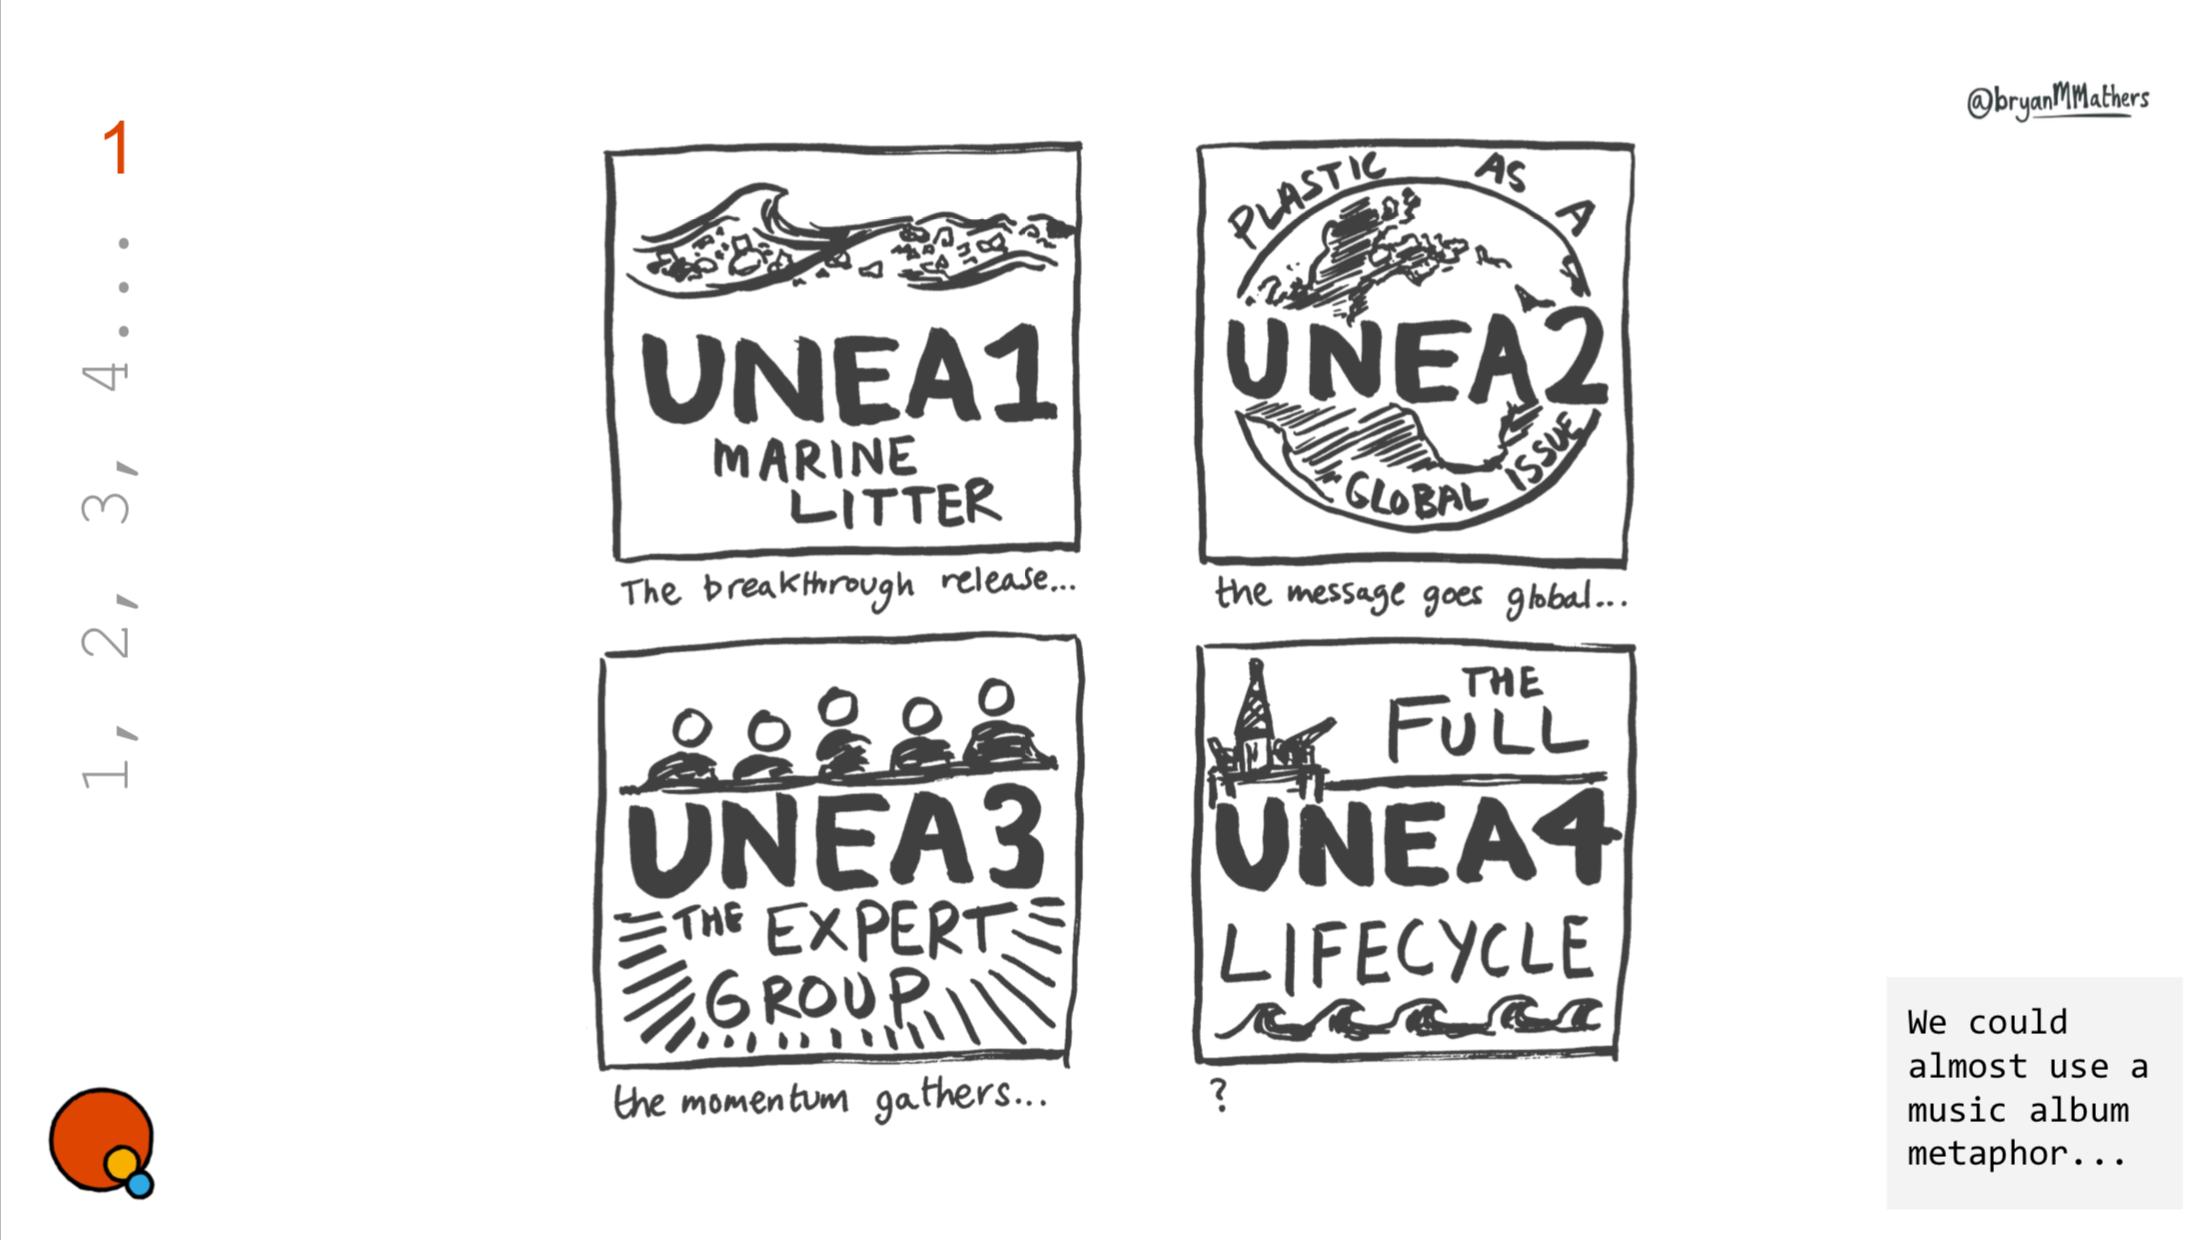 UNEA4 1,2,3,4